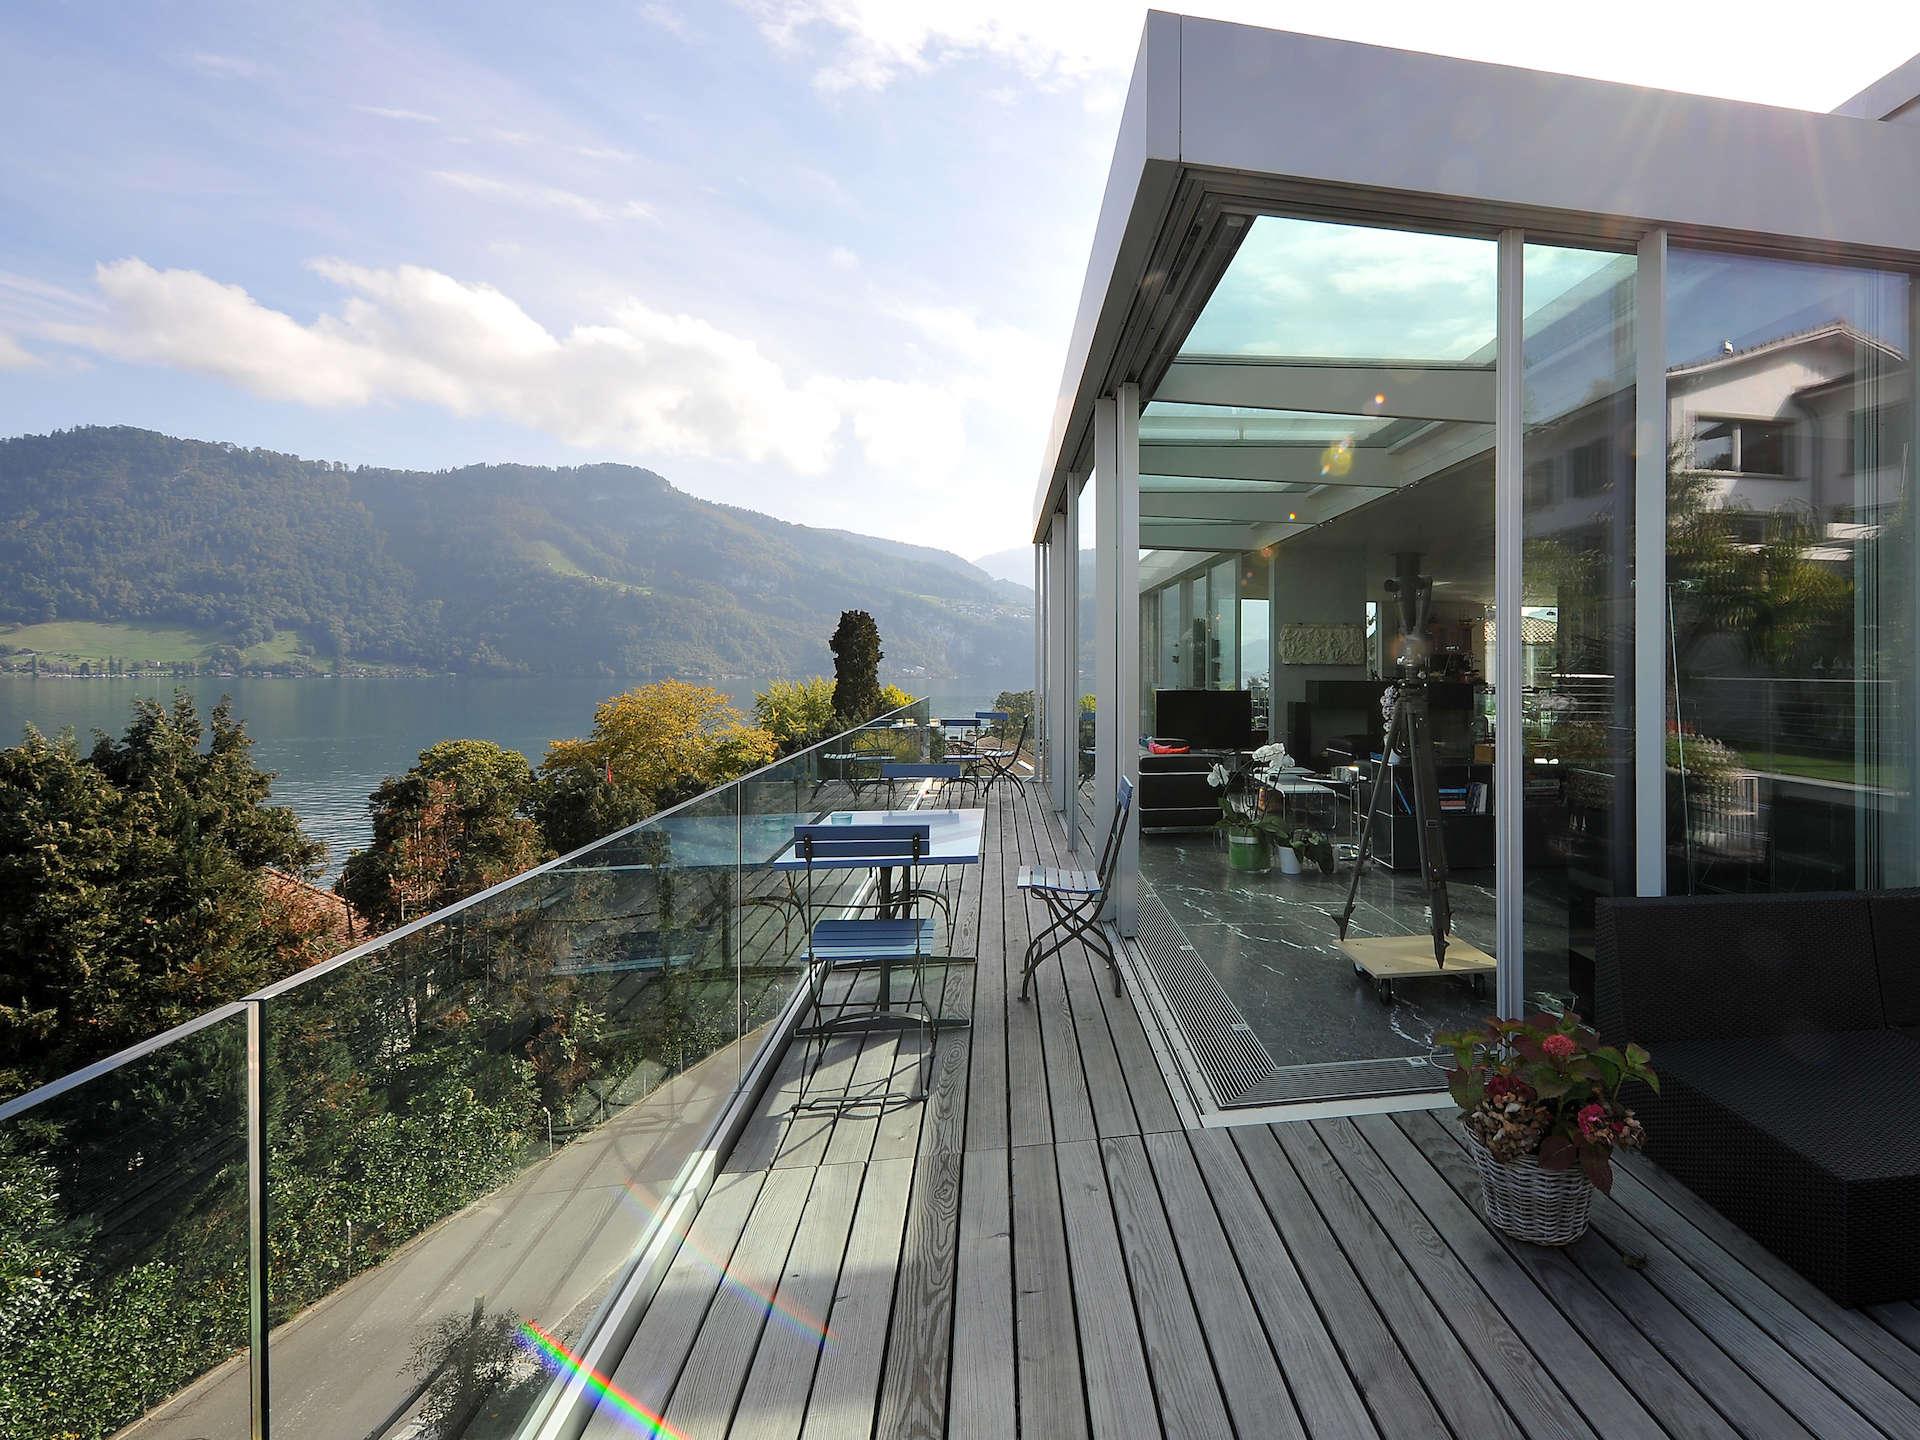 Swissfineline g ganzglasgel nder glasbr stung glasreling absturzsicherheit swissfineline ag - Bodentiefe schiebefenster ...